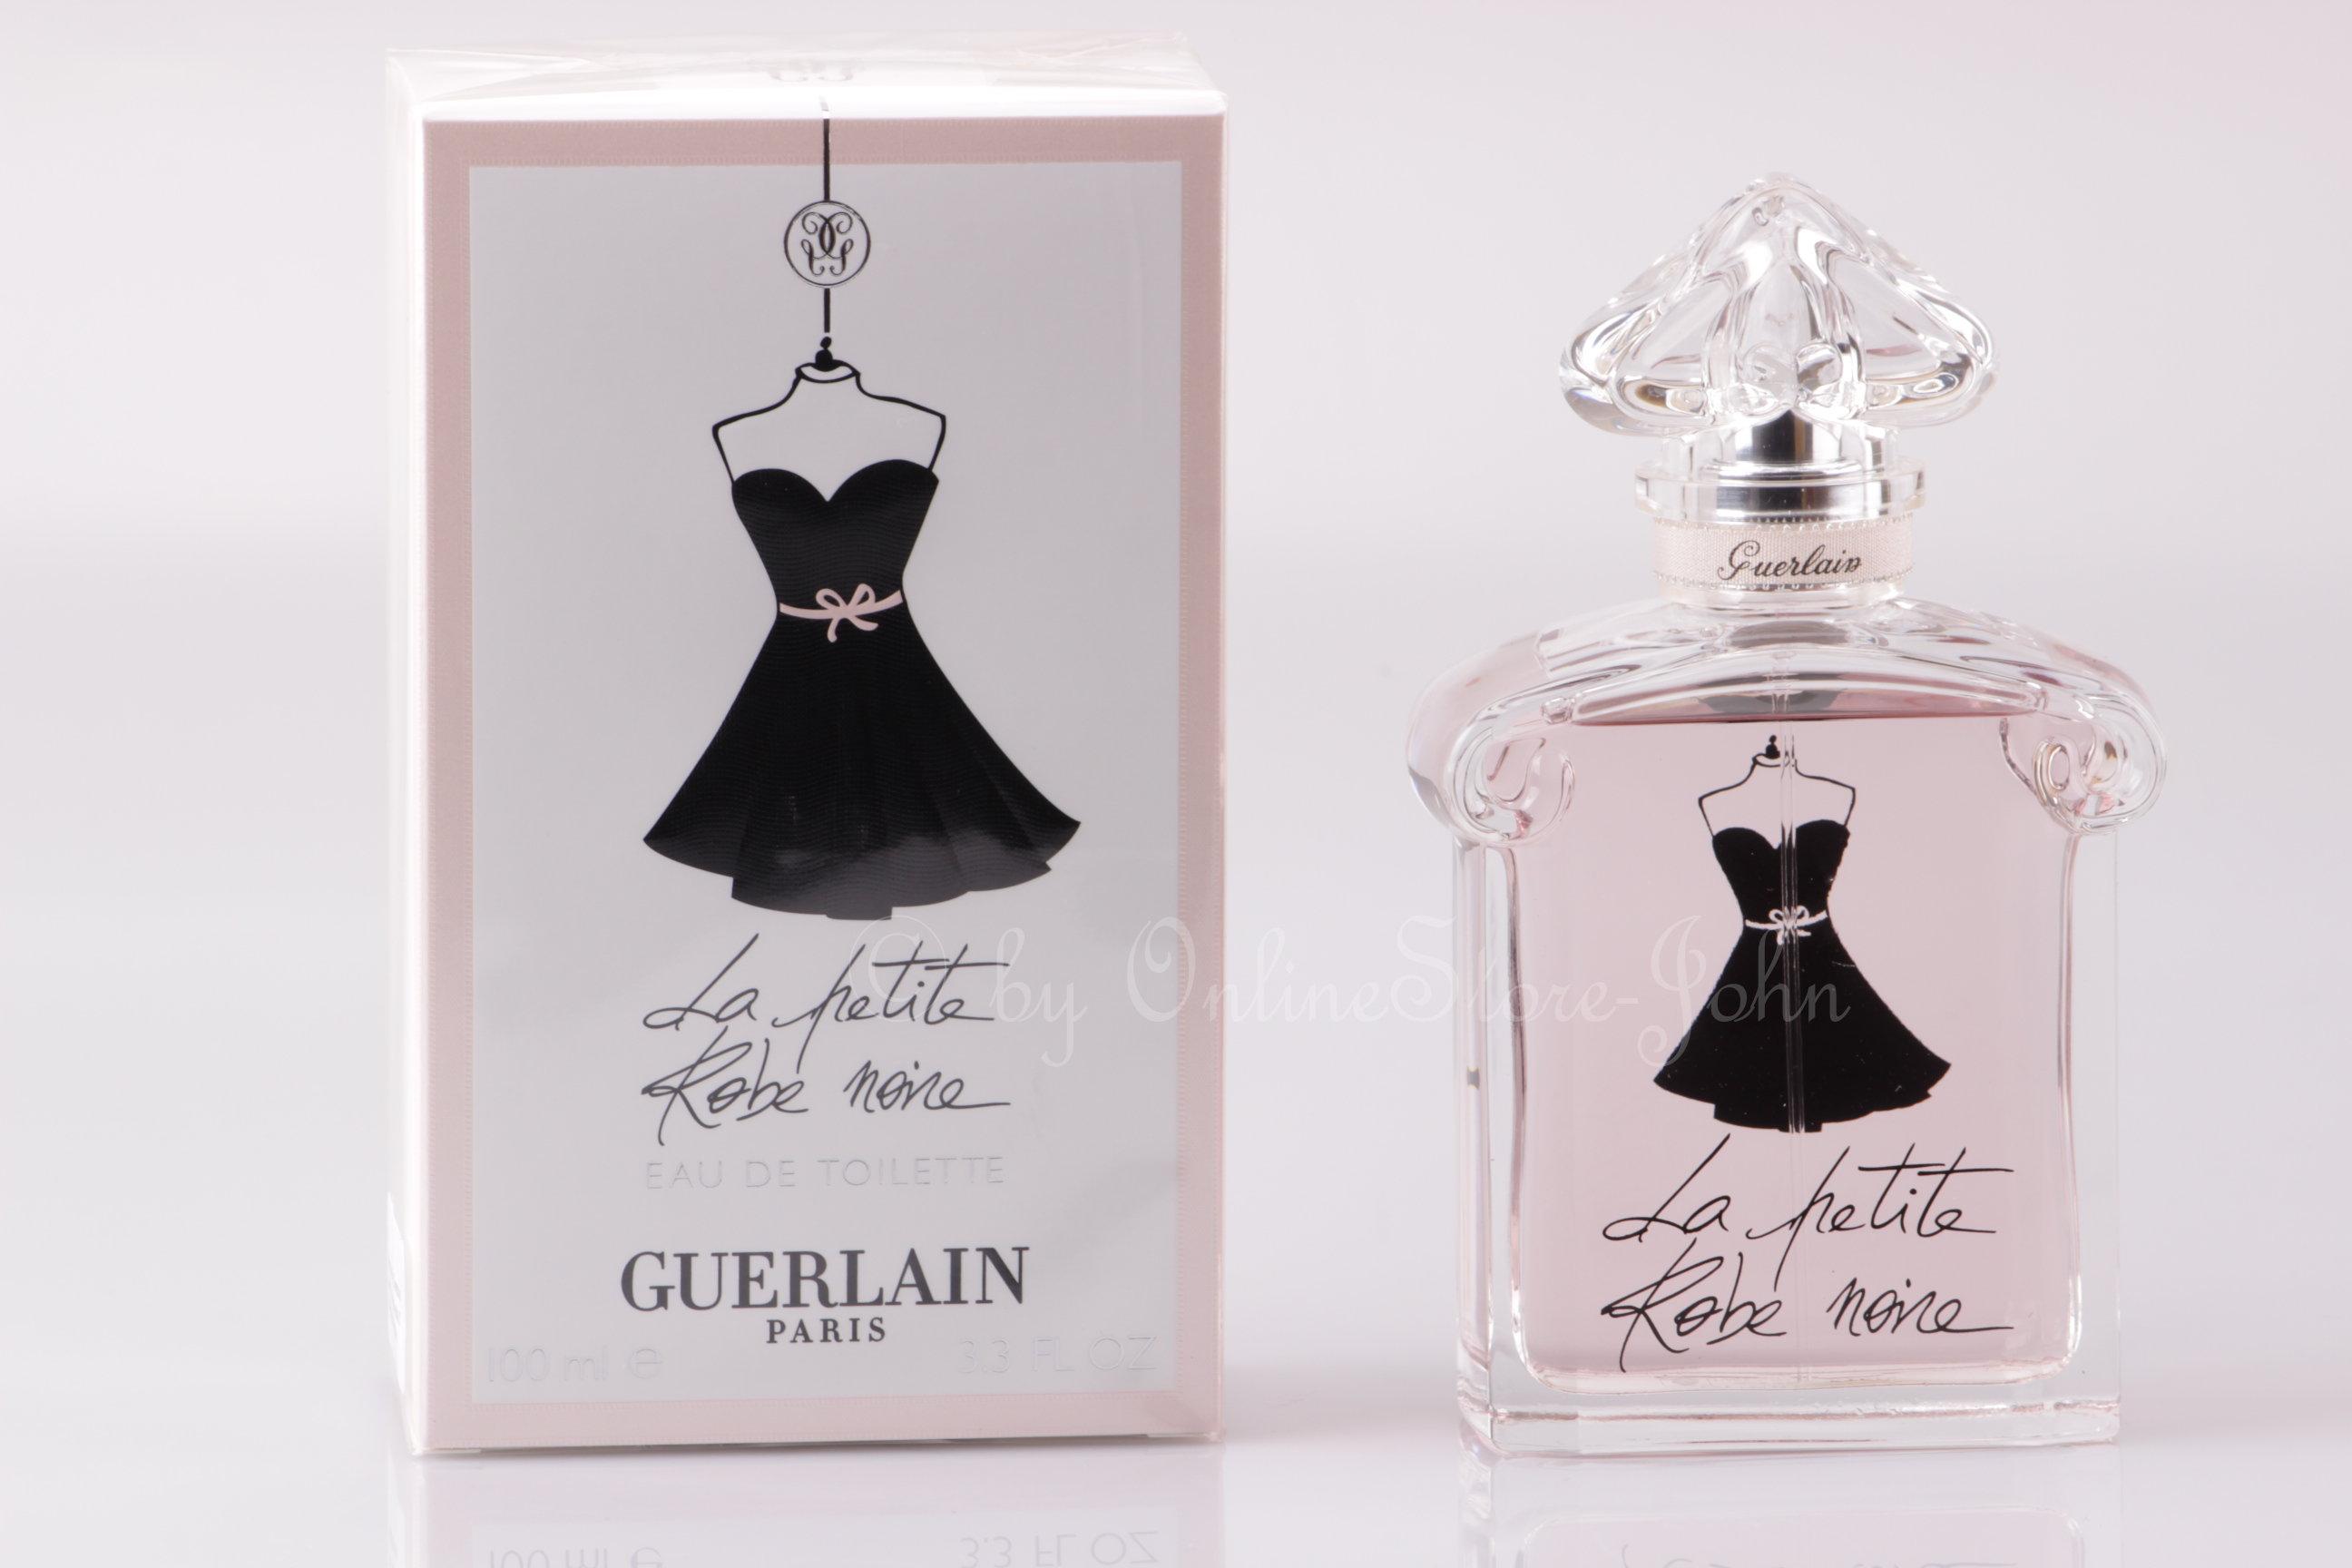 La petite robe noire guerlain kaufen